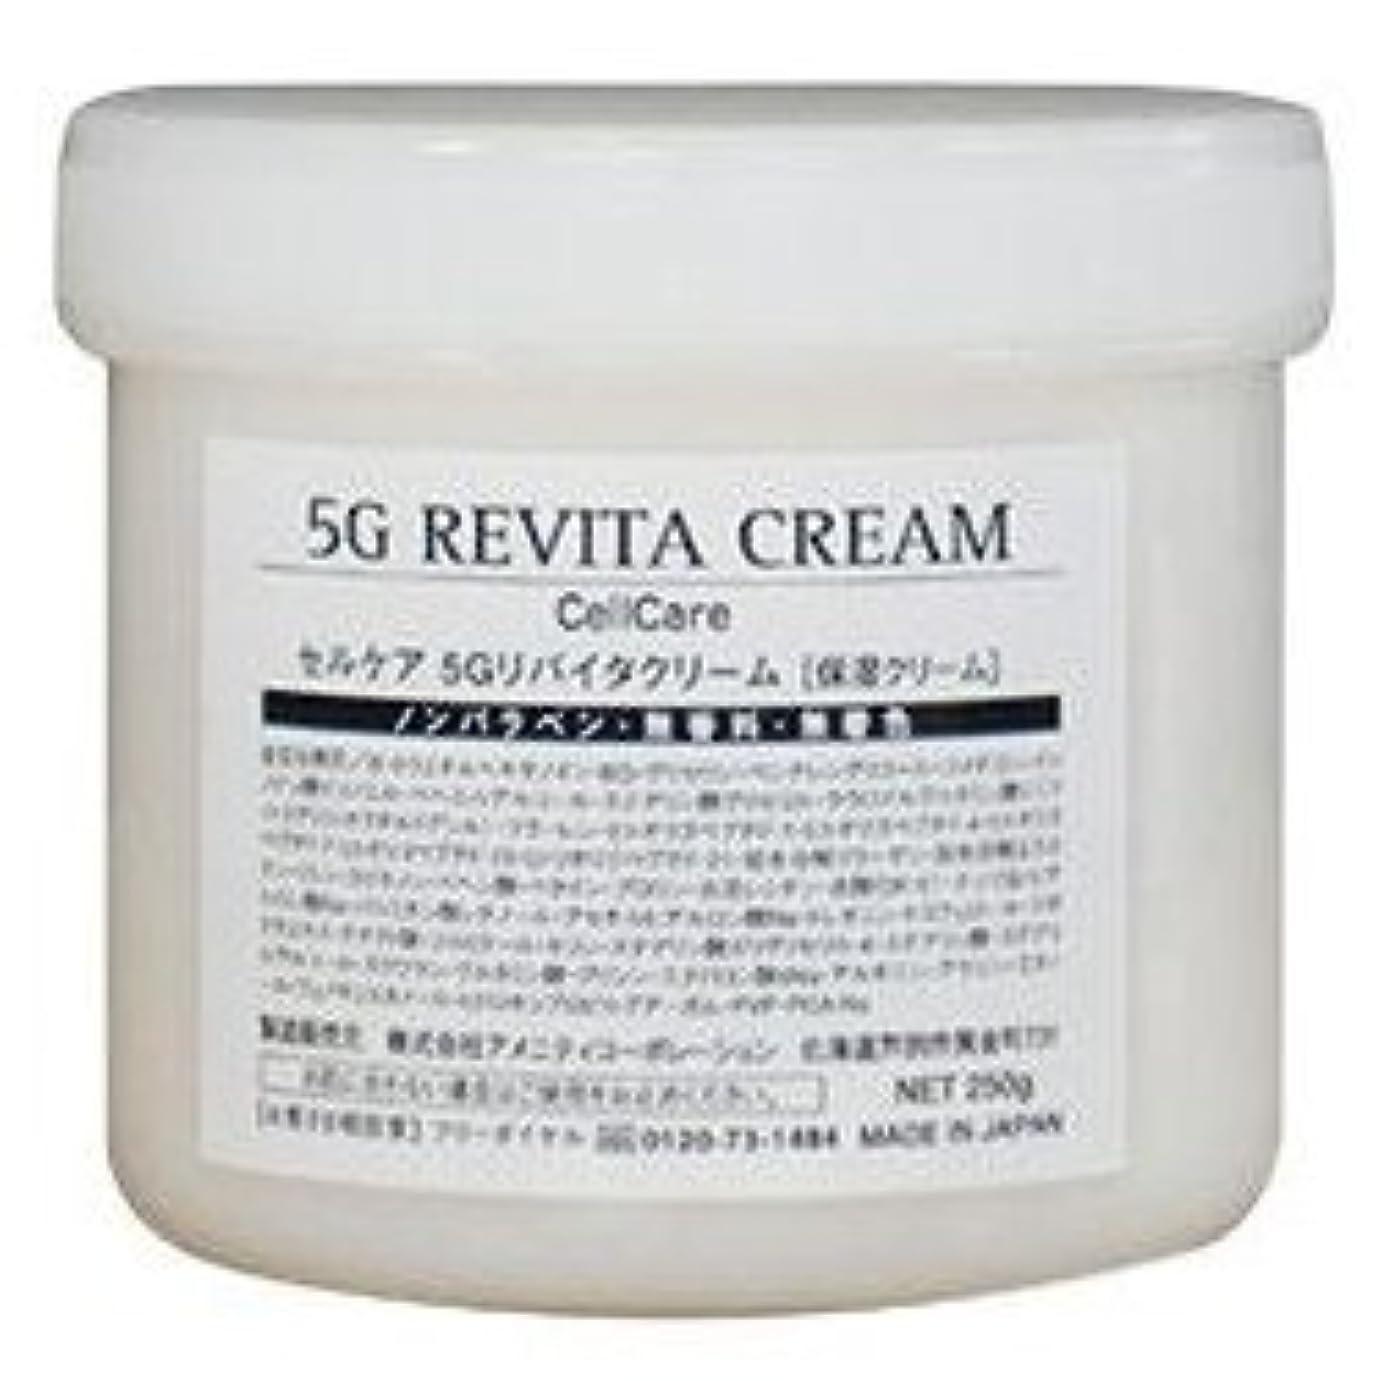 錆び副銛セルケアGF プレミアム 5Gリバイタルクリーム 保湿クリーム お徳用250g